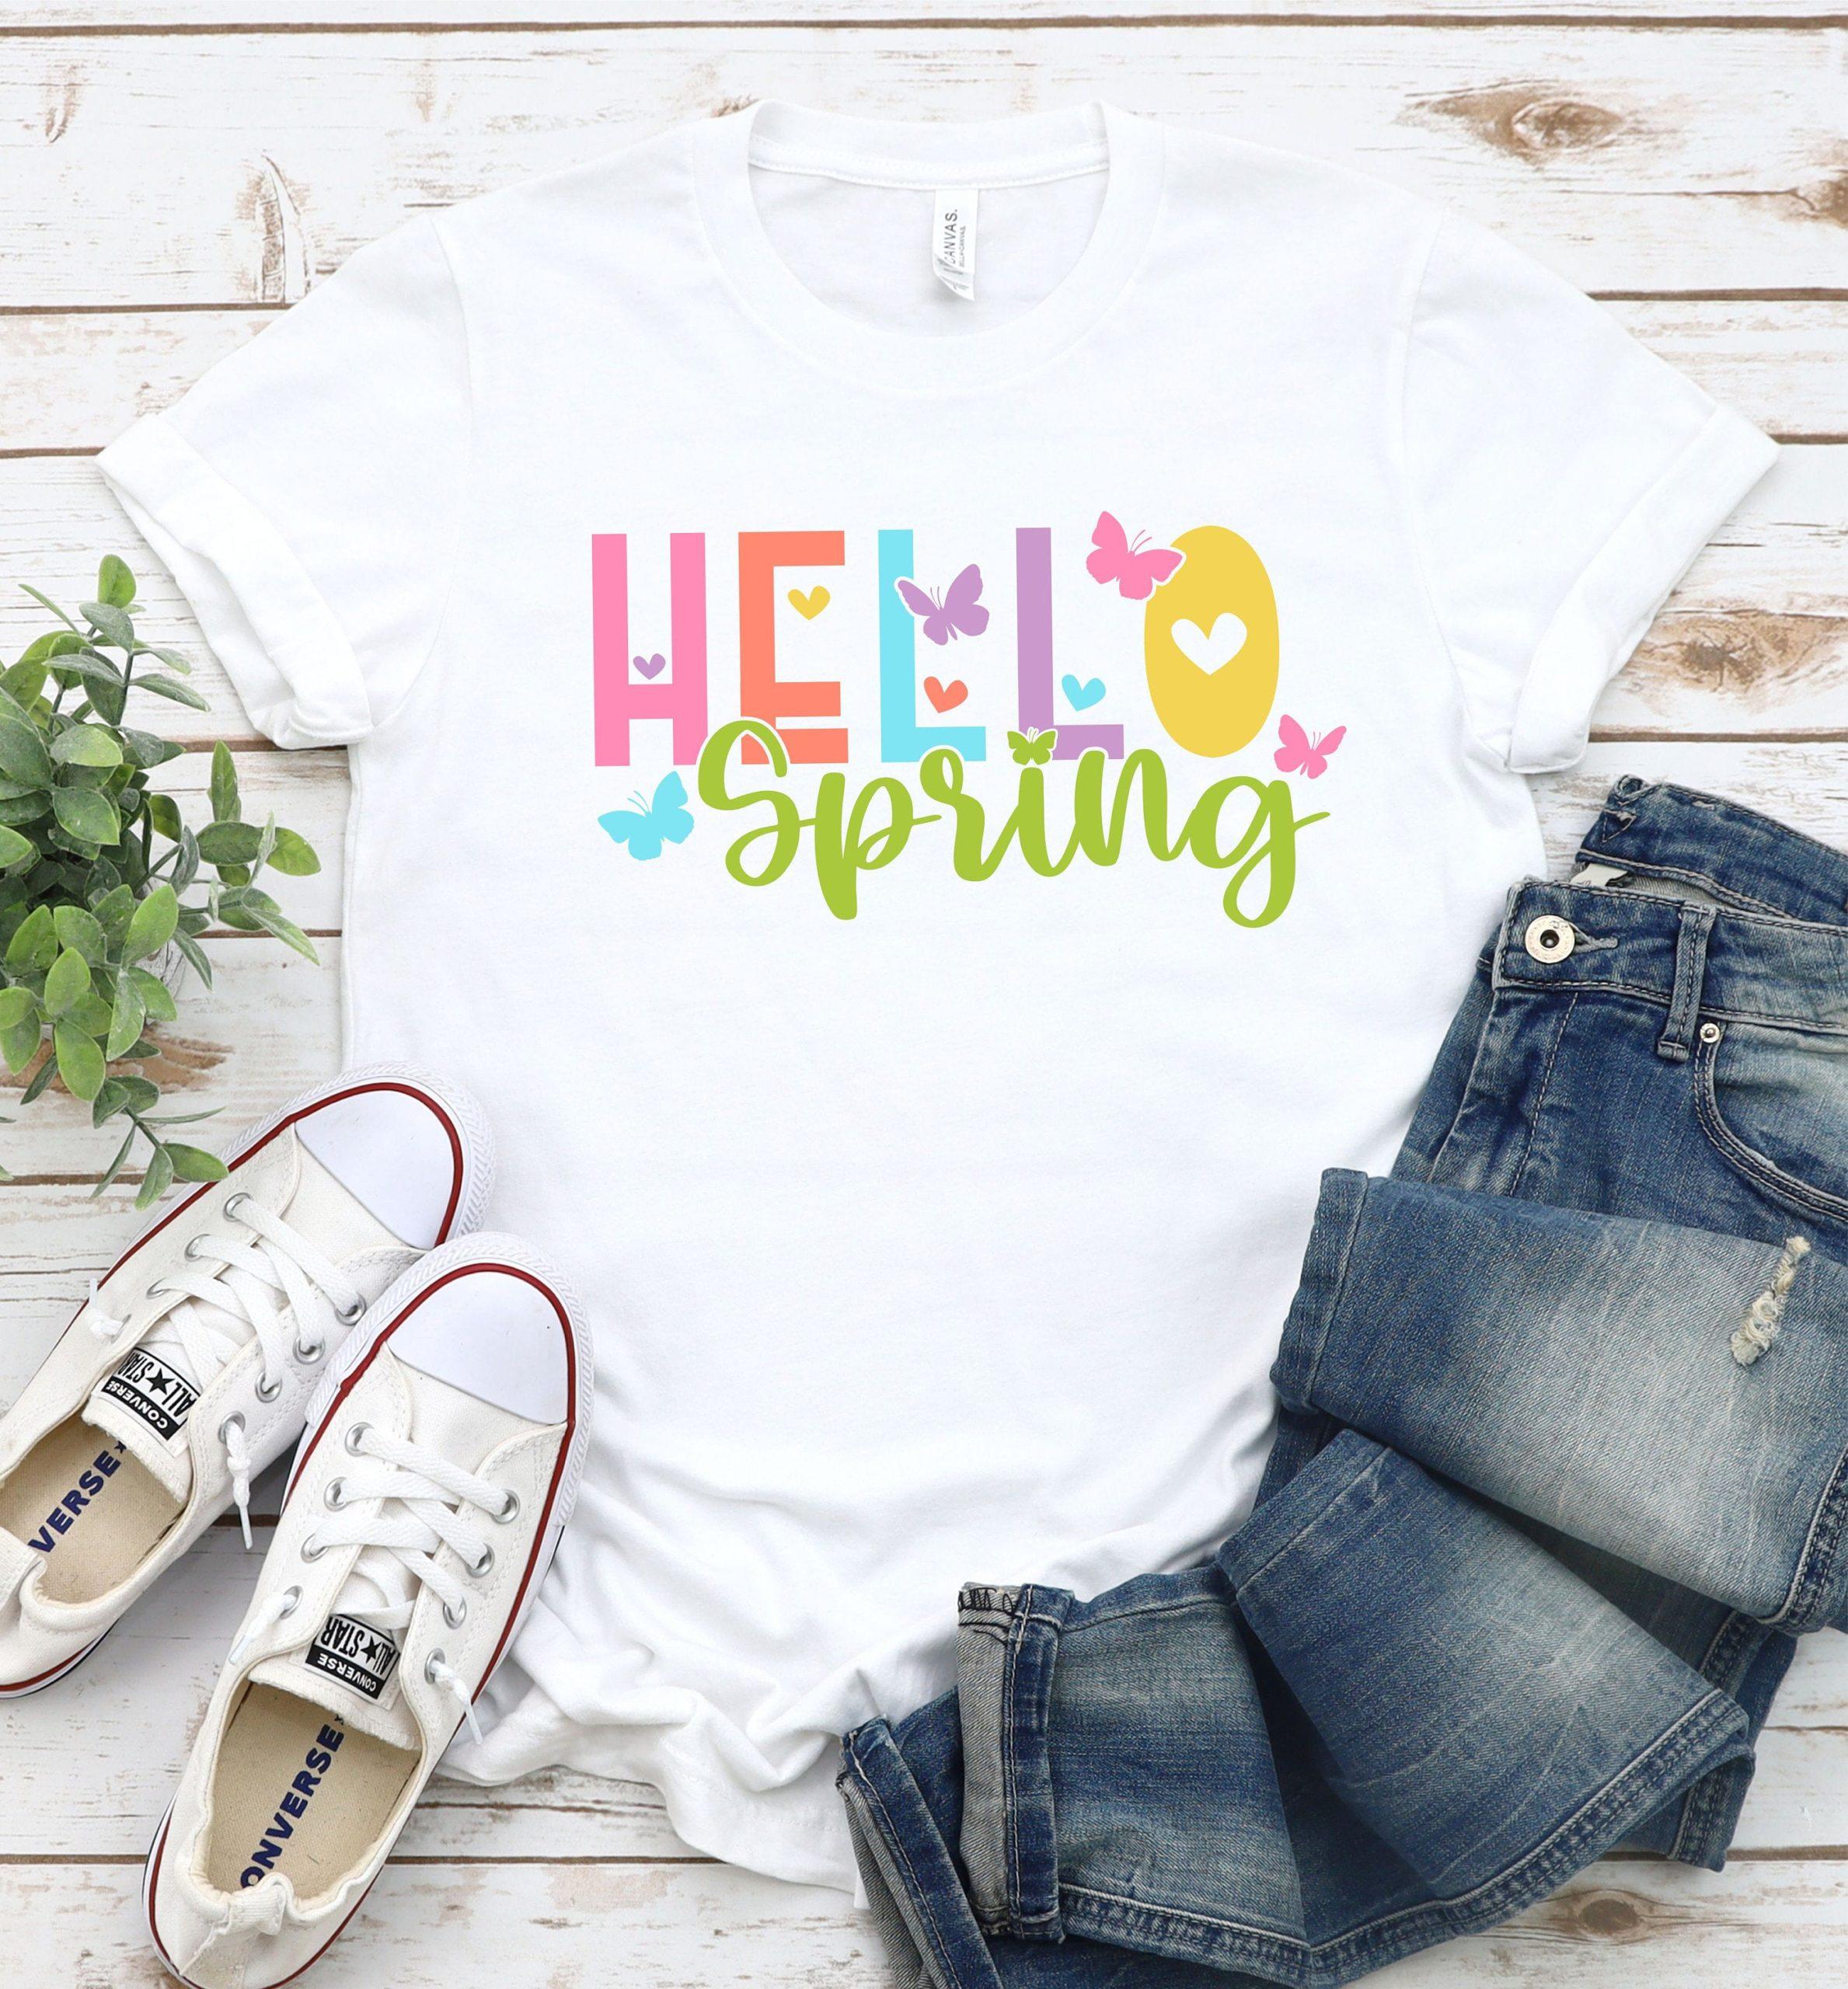 Spring-svg-hello-spring-svg-spring-svgs-springtime-svg-flowers-svg-spring-svg-design-spring-cut-filespring-cricut-svg-6051295e